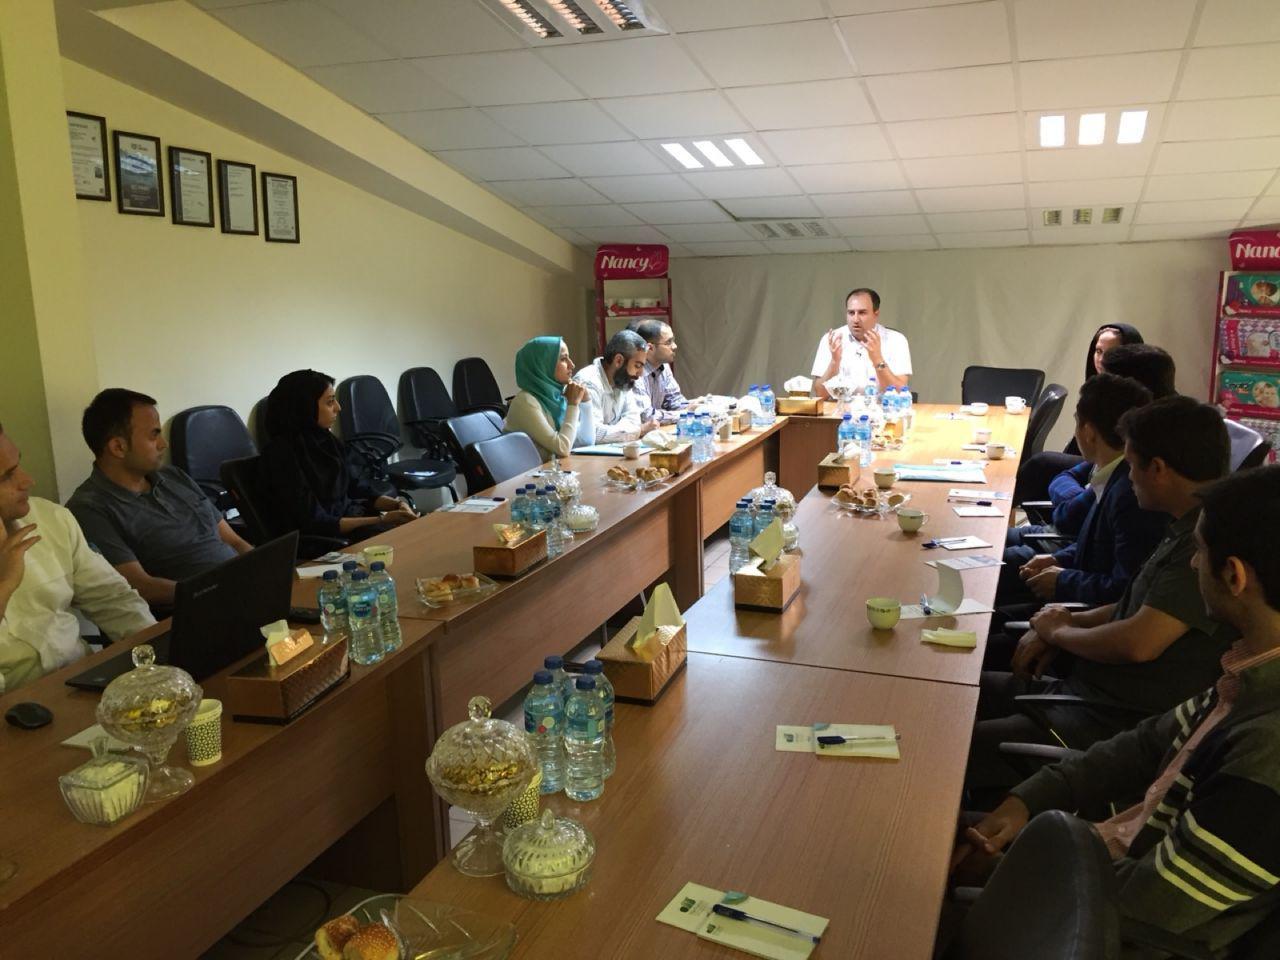 بازدید دانشجویان نخبه دانشگاه تهران از یک کارخانه گروه صنعتی گلرنگ